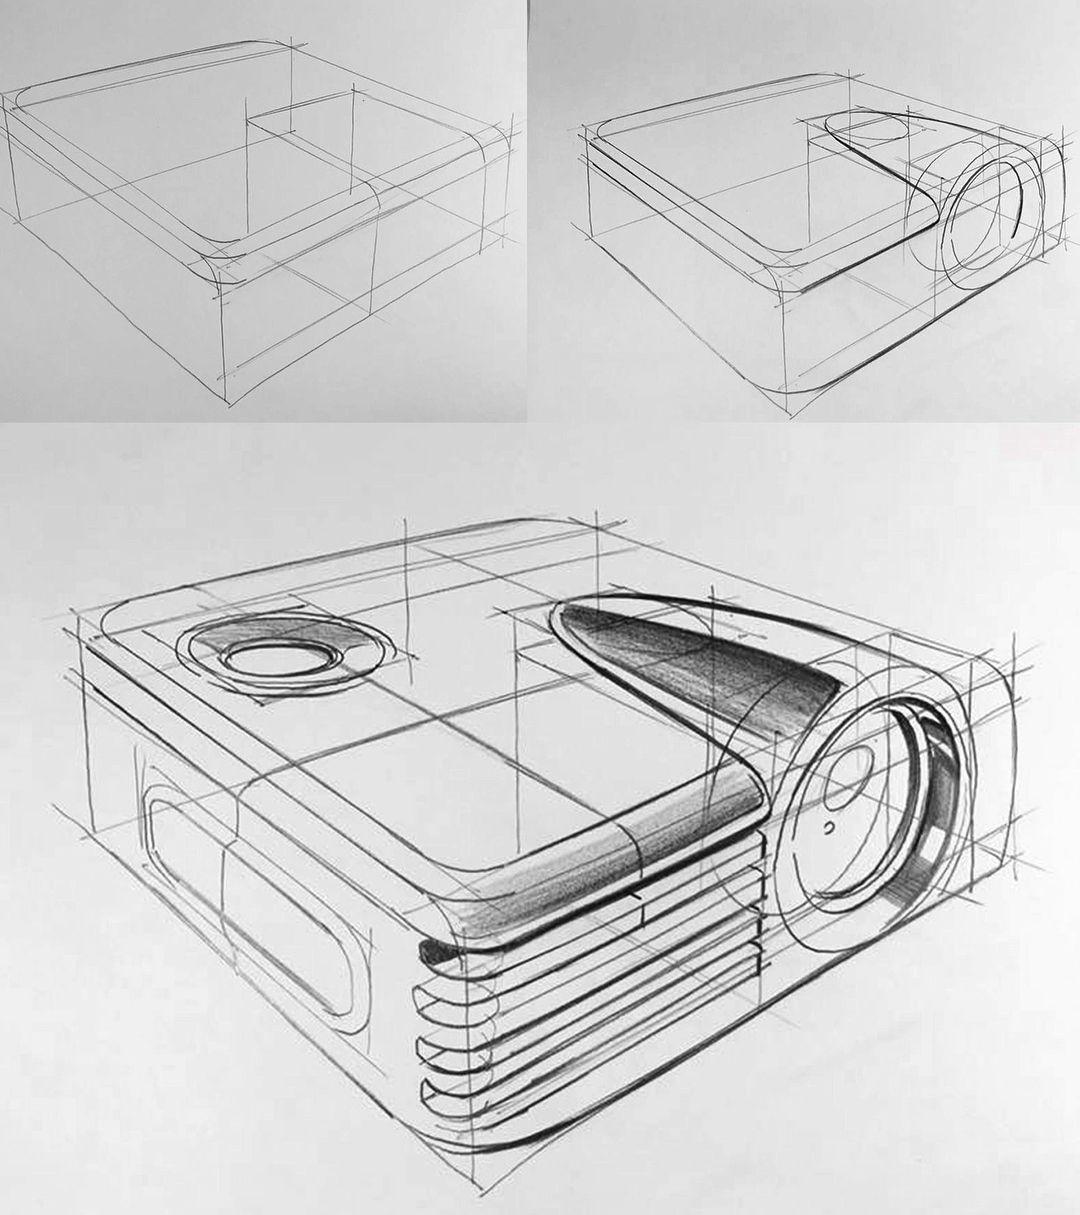 Design Industriel Dessins Industriels Croquis En Noir Et Blanc Design Industriel